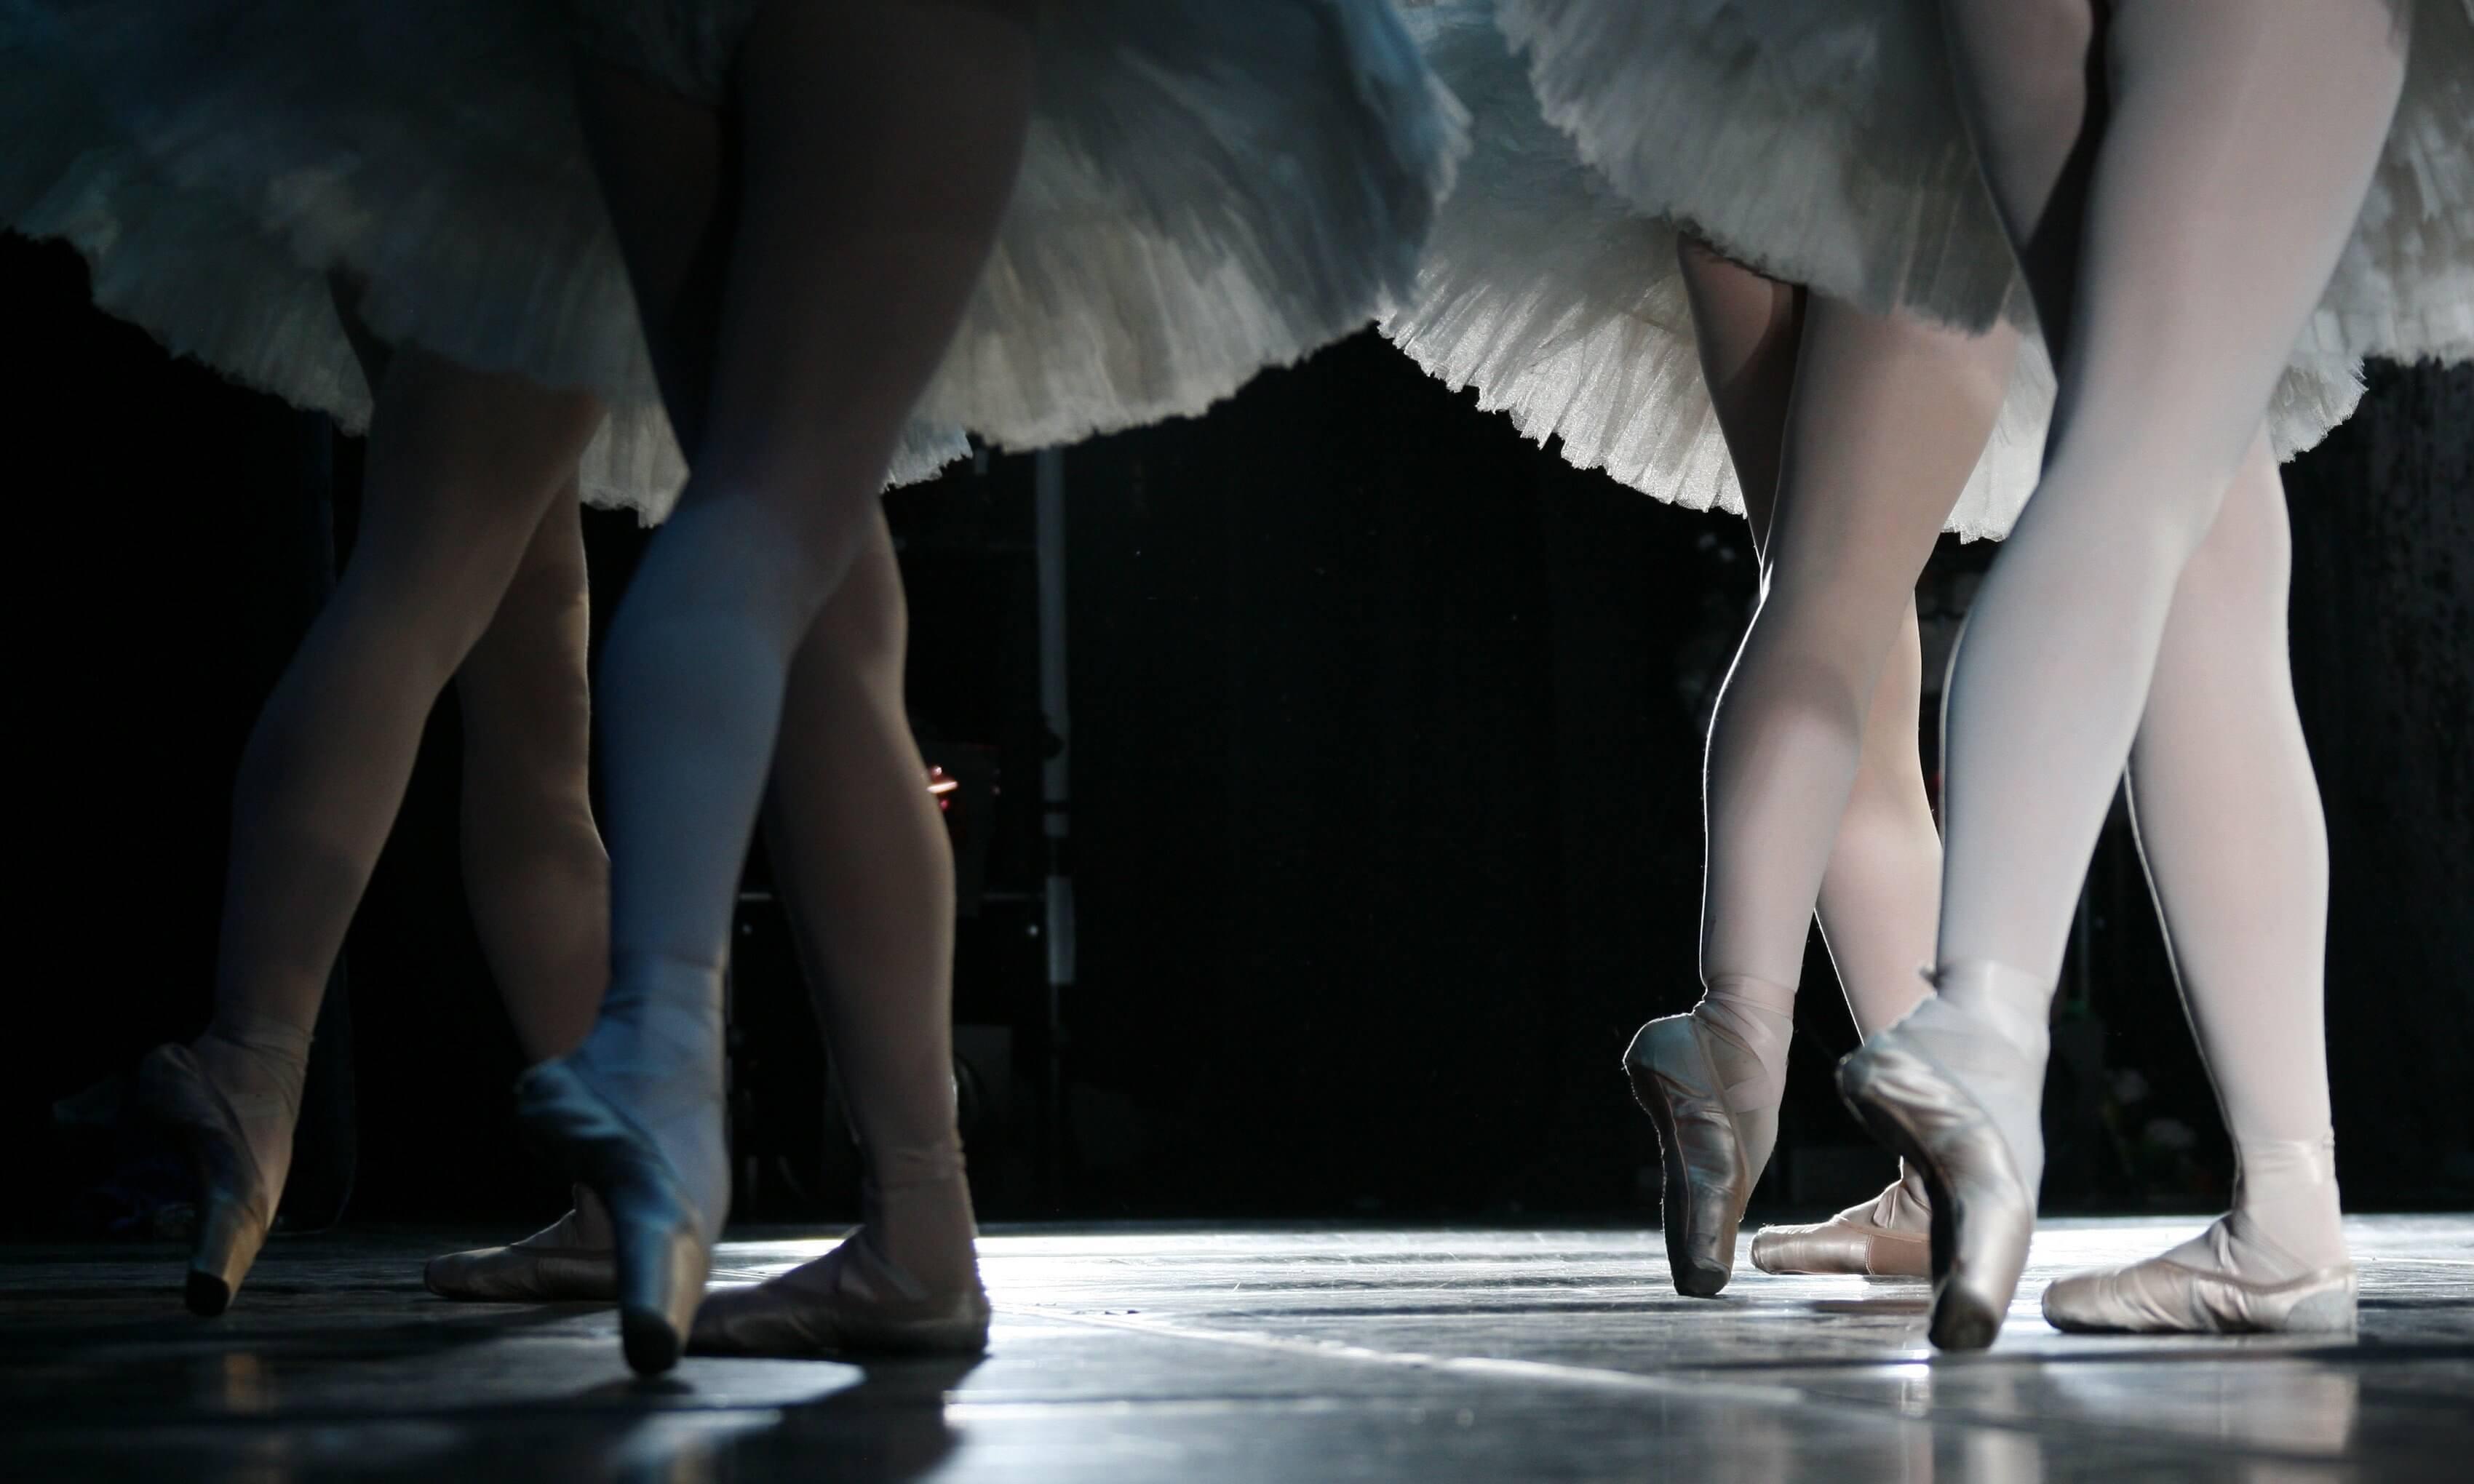 Ballerina legs during a dance